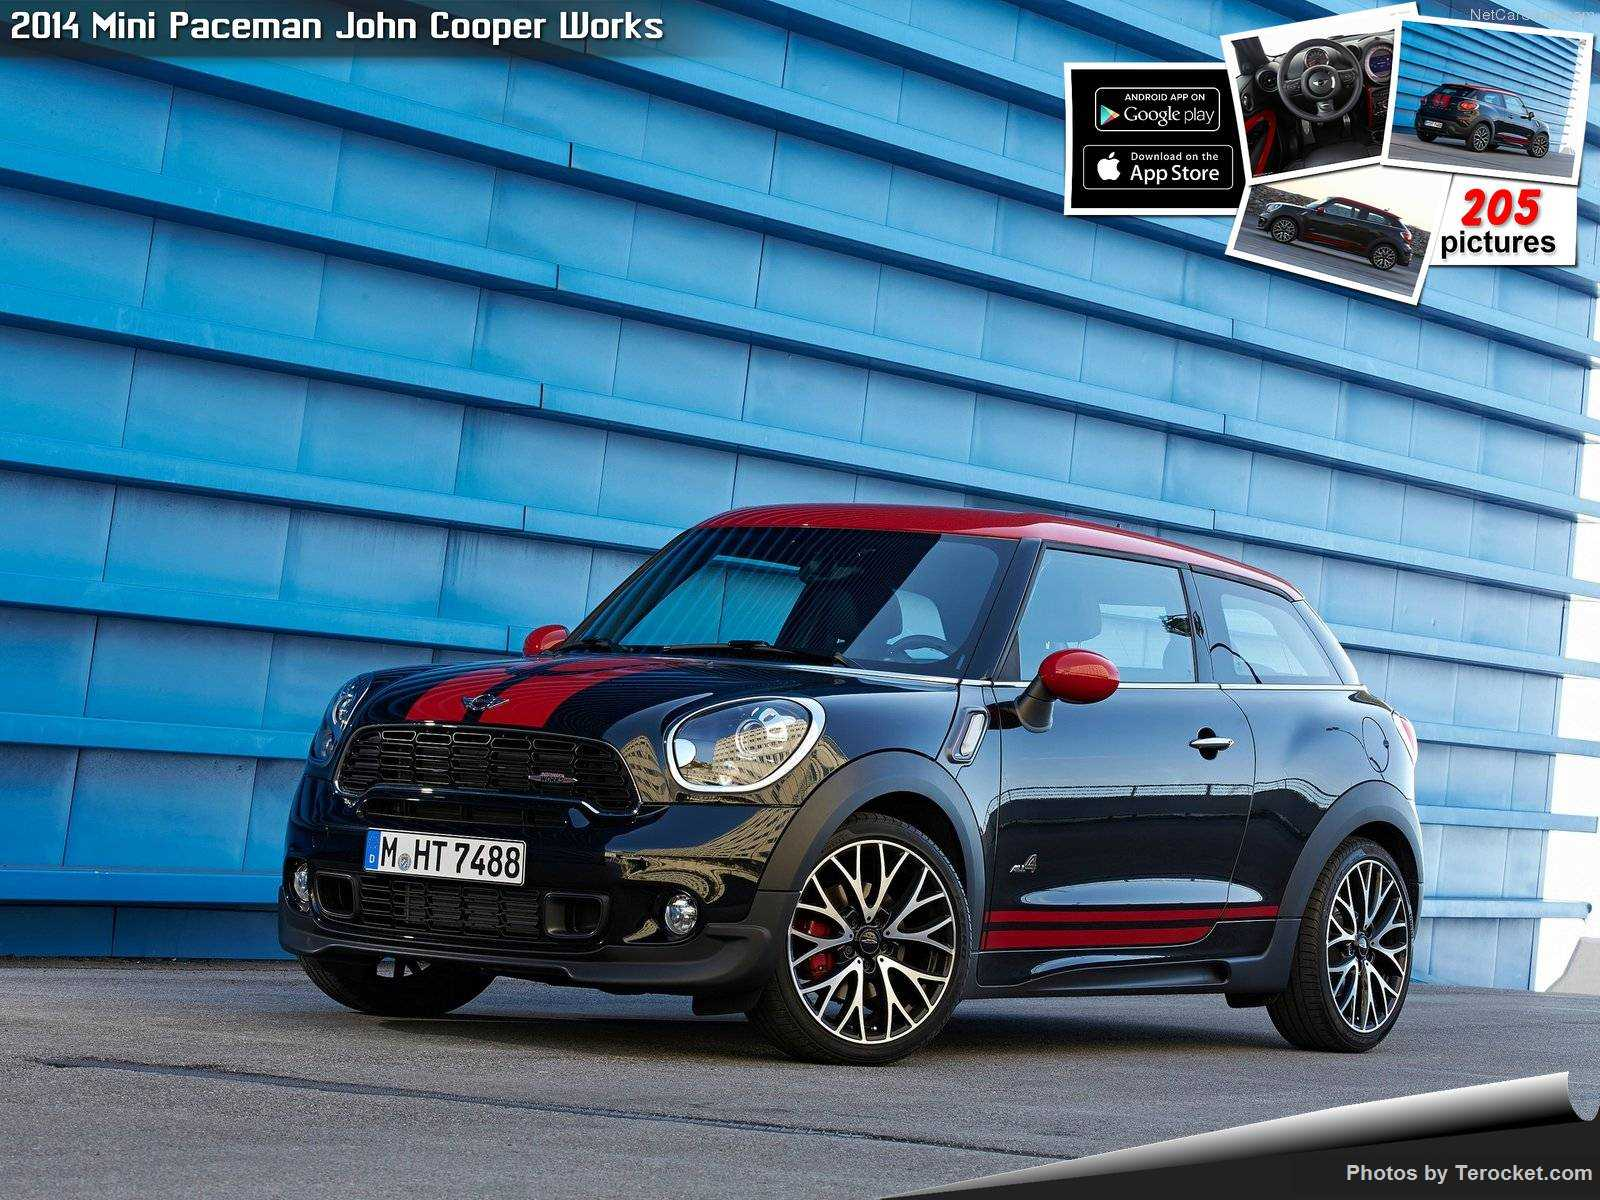 Hình ảnh xe ô tô Mini Paceman John Cooper Works 2014 & nội ngoại thất